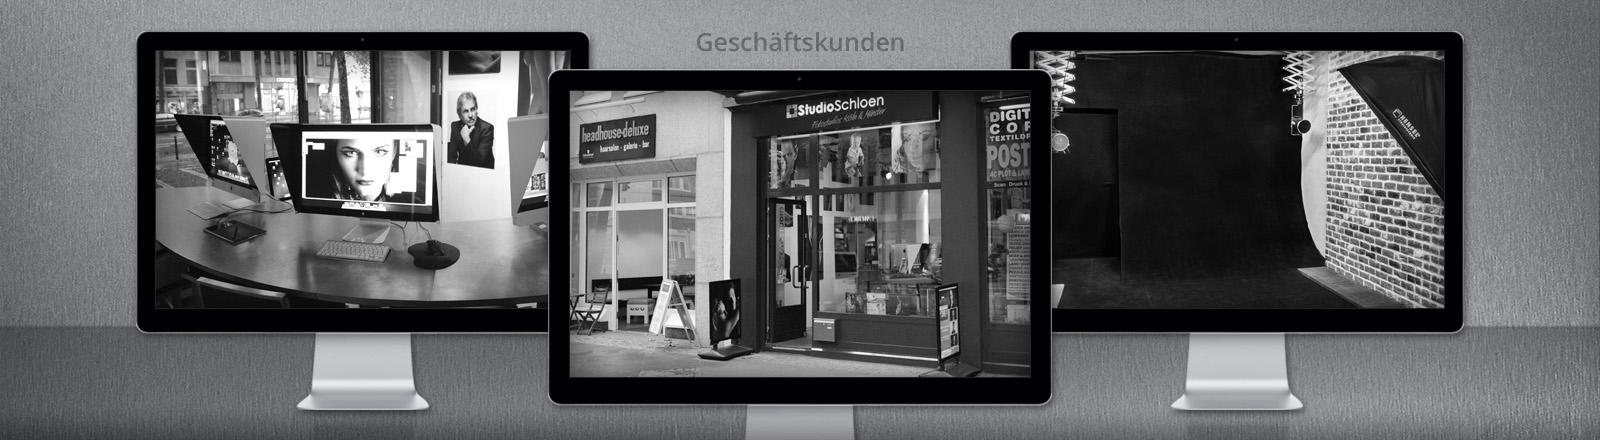 03_ueber-uns_business.studio-schloen.de